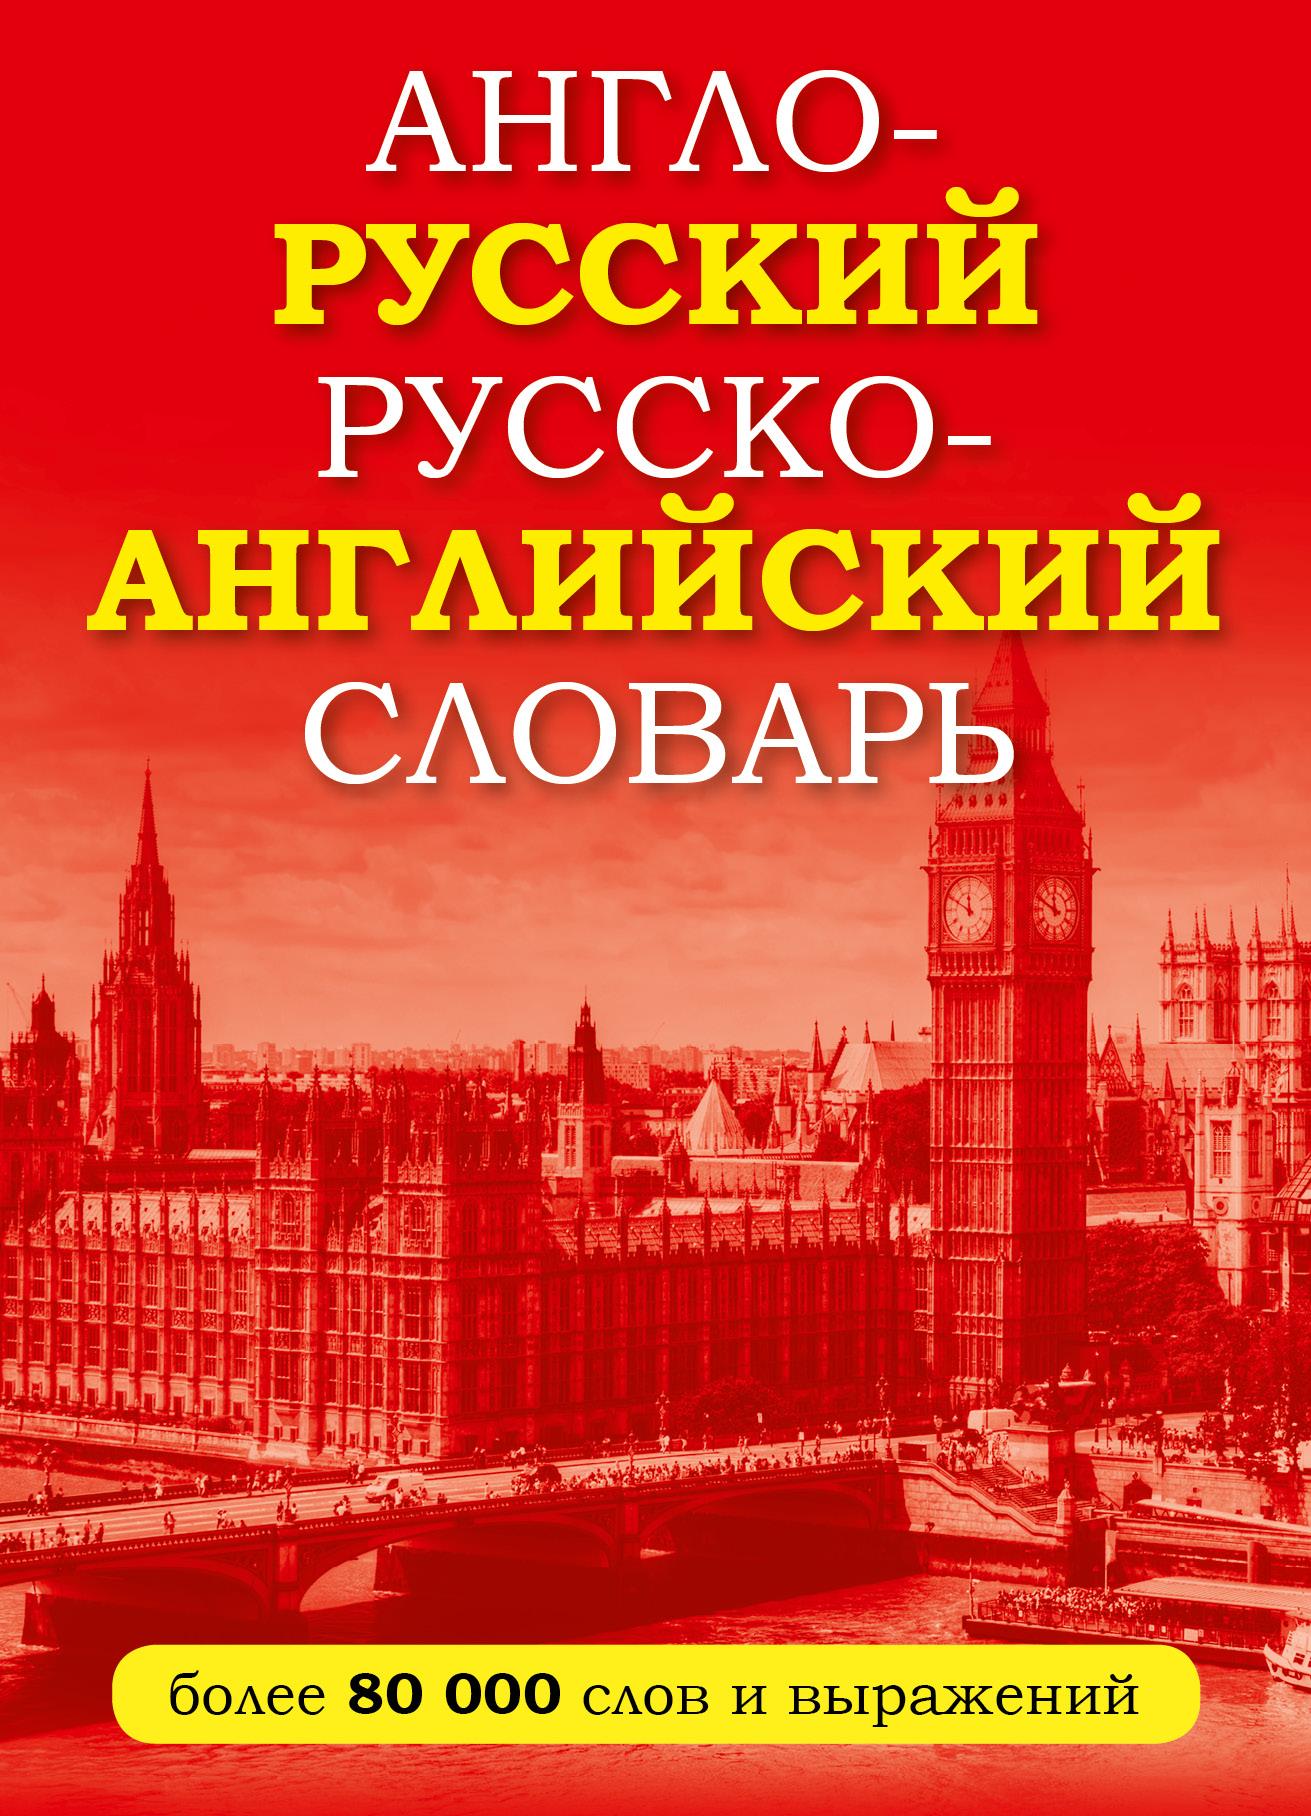 Переводчик онлайн и словарь от PROMT: английский, русский ...